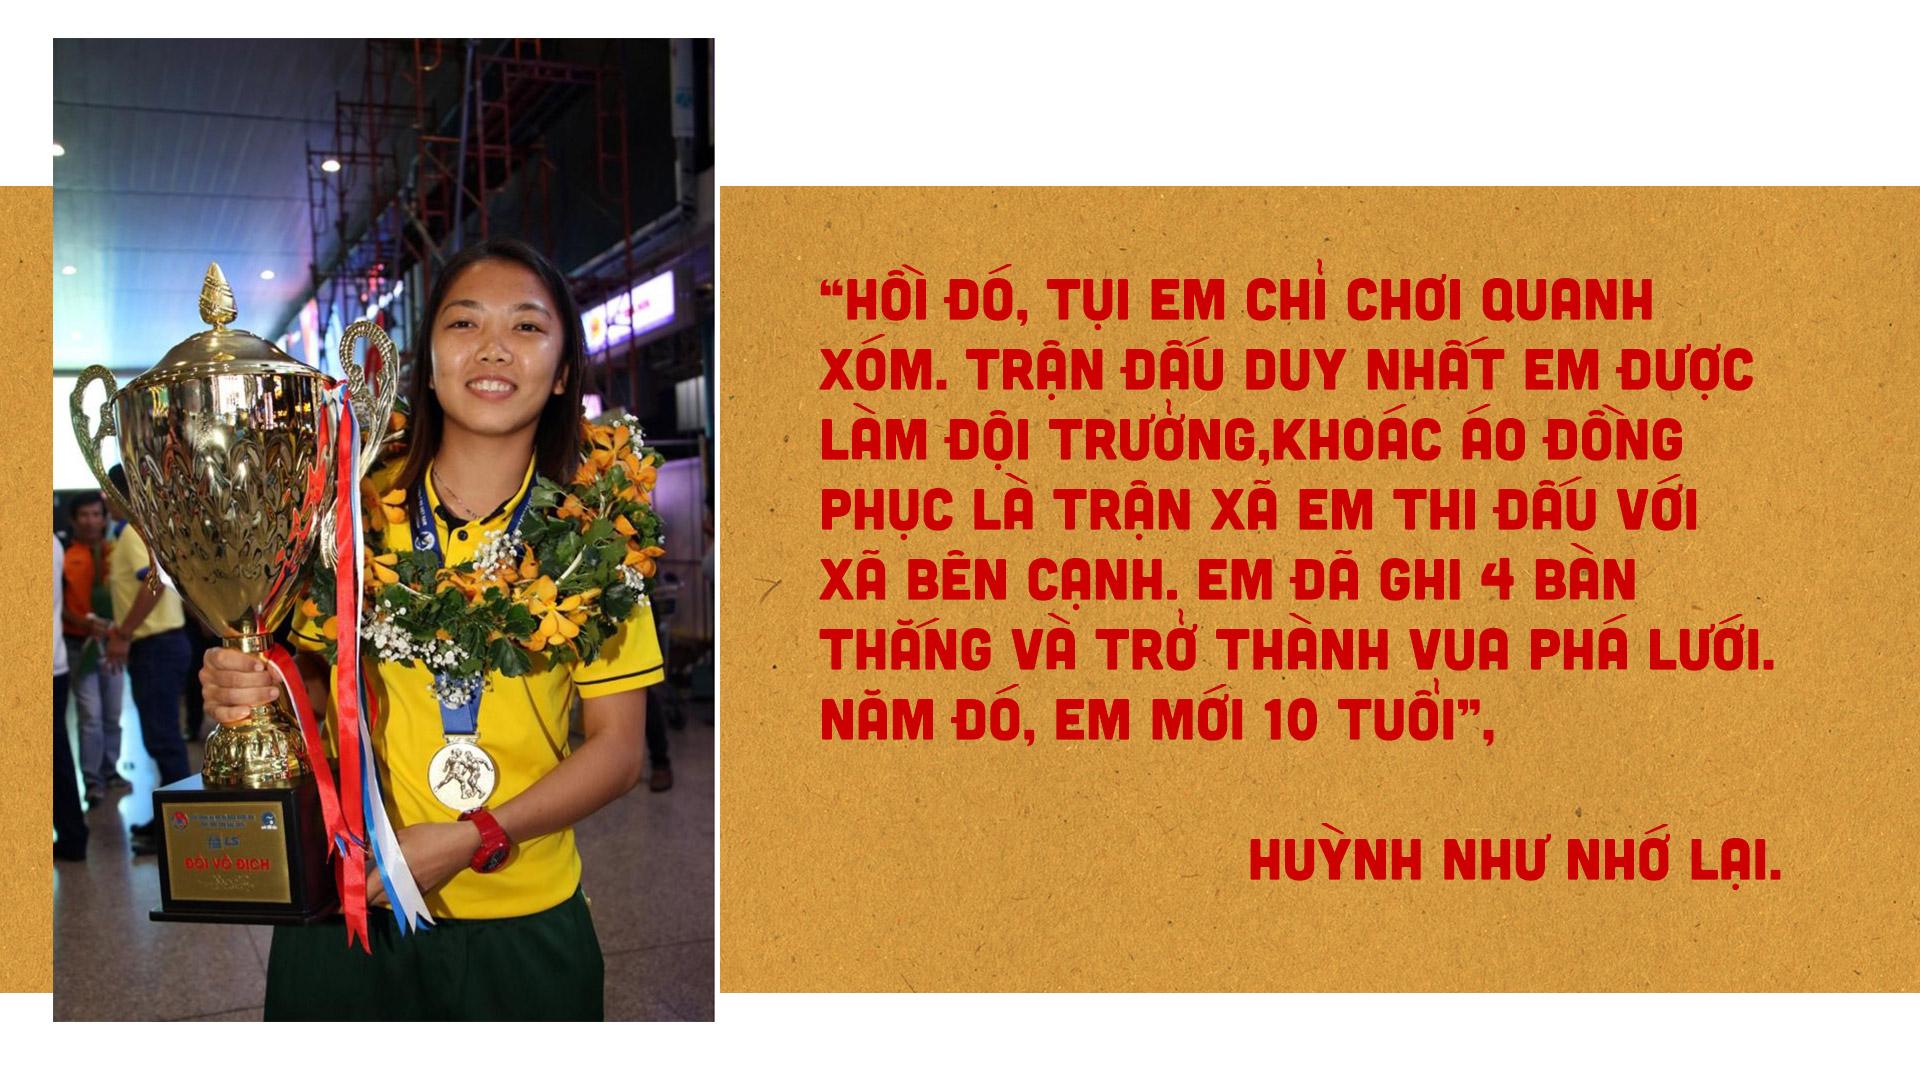 Nữ cầu thủ Huỳnh Như: Bóng đá là tình yêu của tôi - ảnh 2